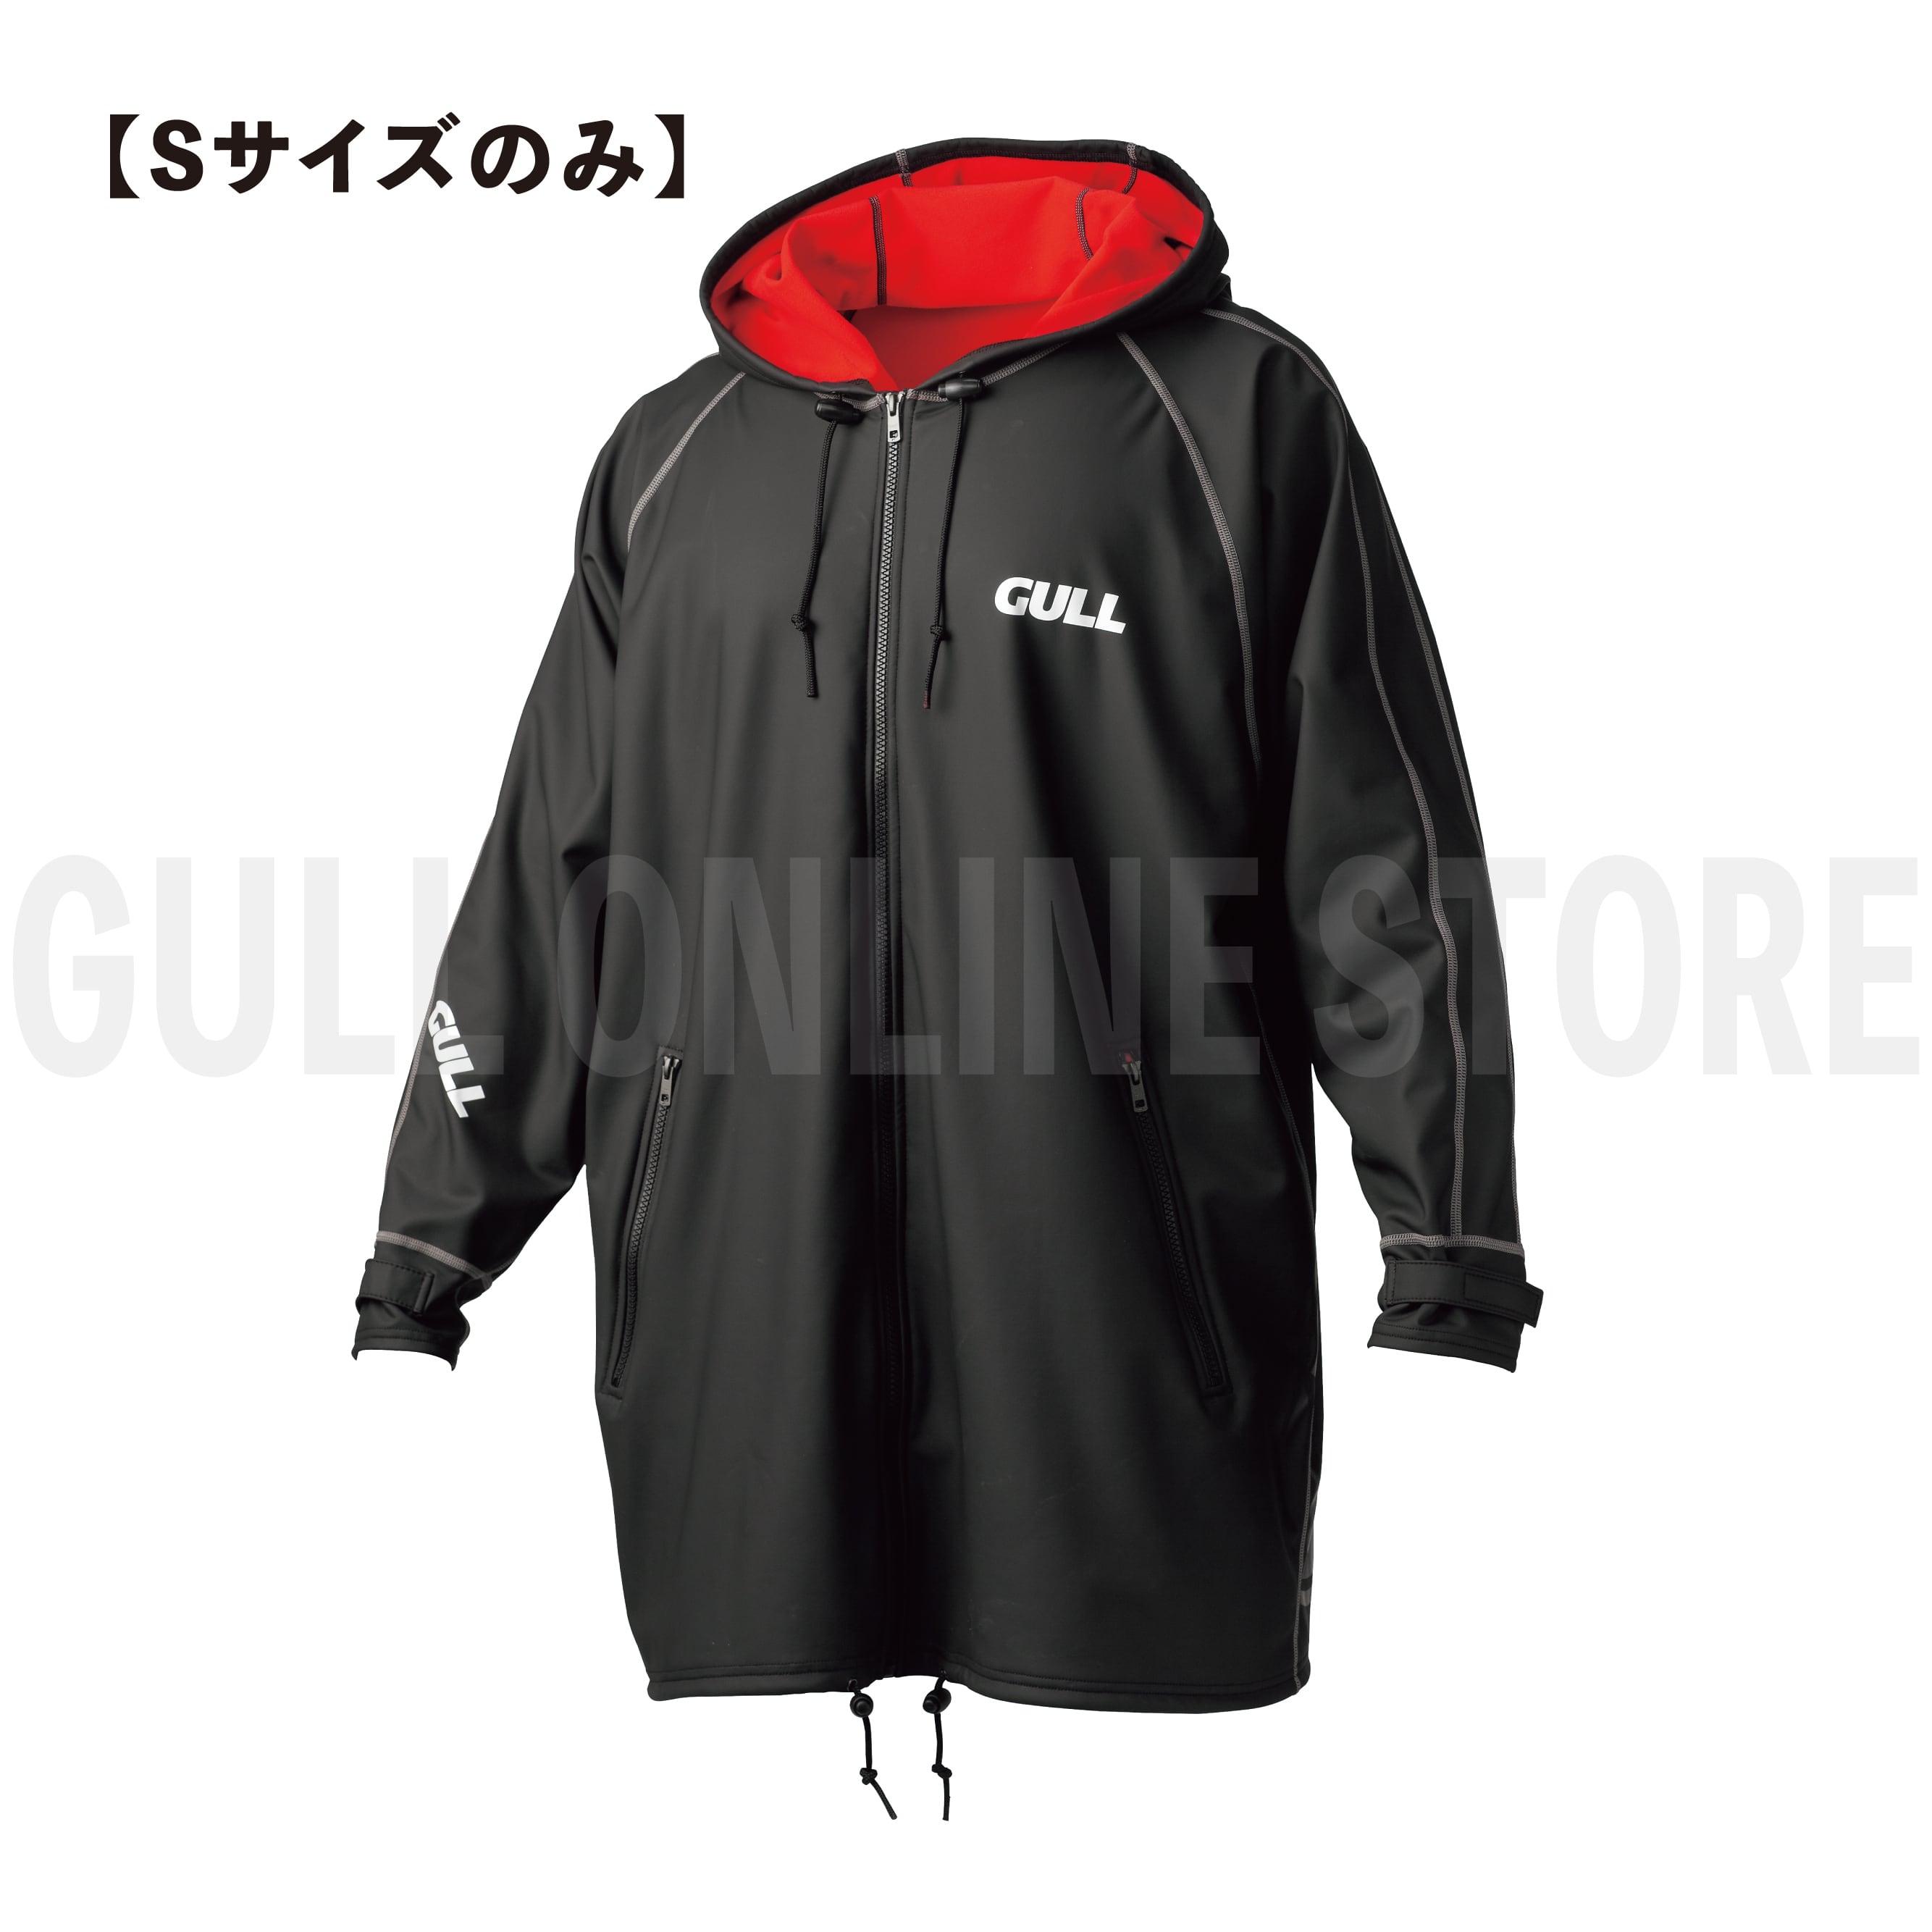 ボートコート【Sサイズ】 GULL ガル